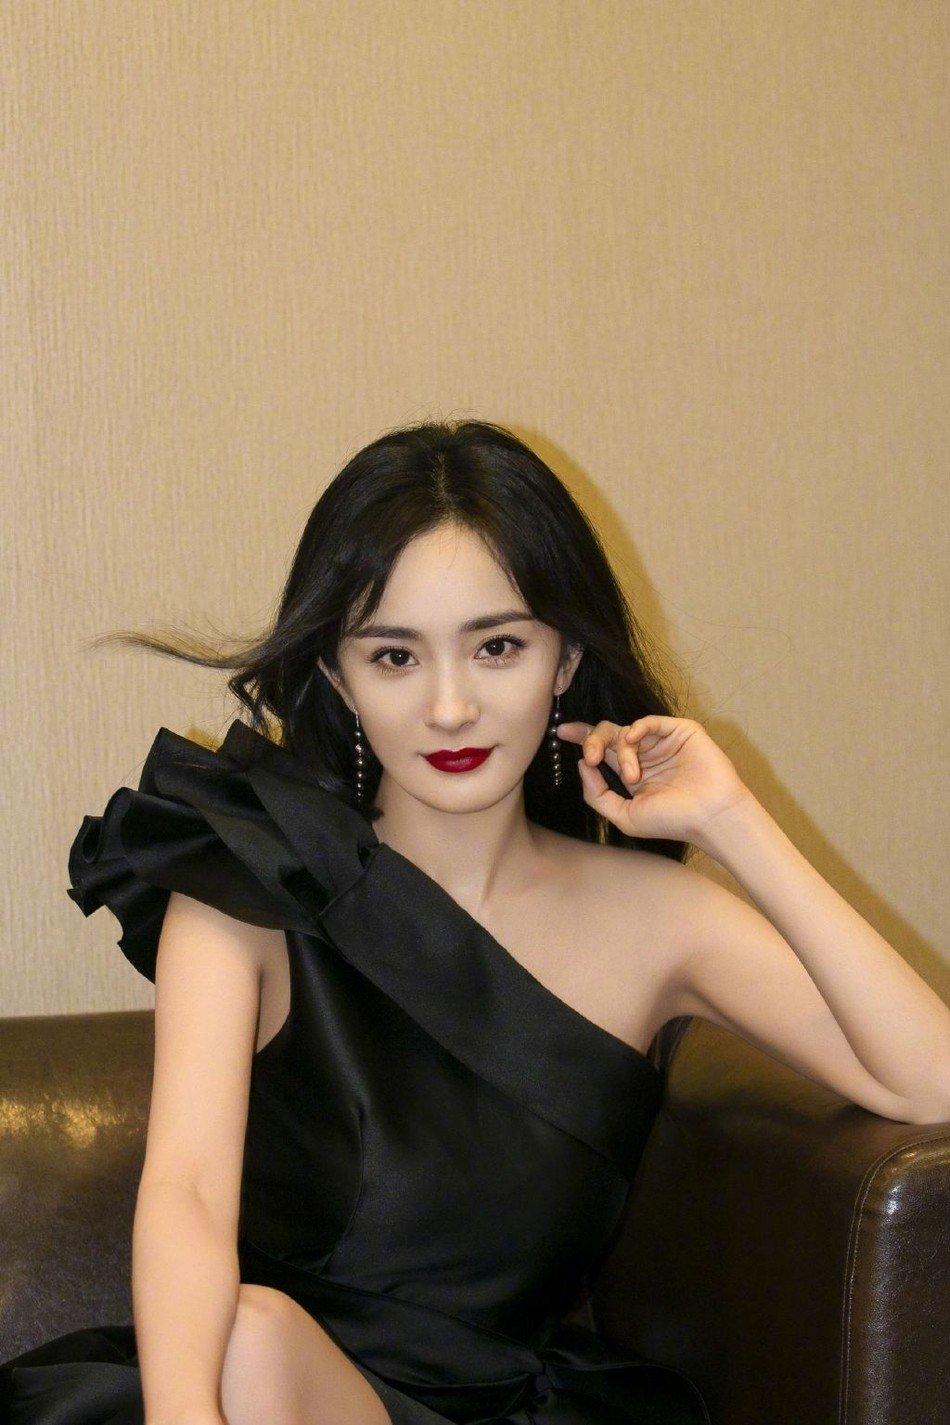 杨幂单肩连衣裙大波浪卷发性感迷人写真